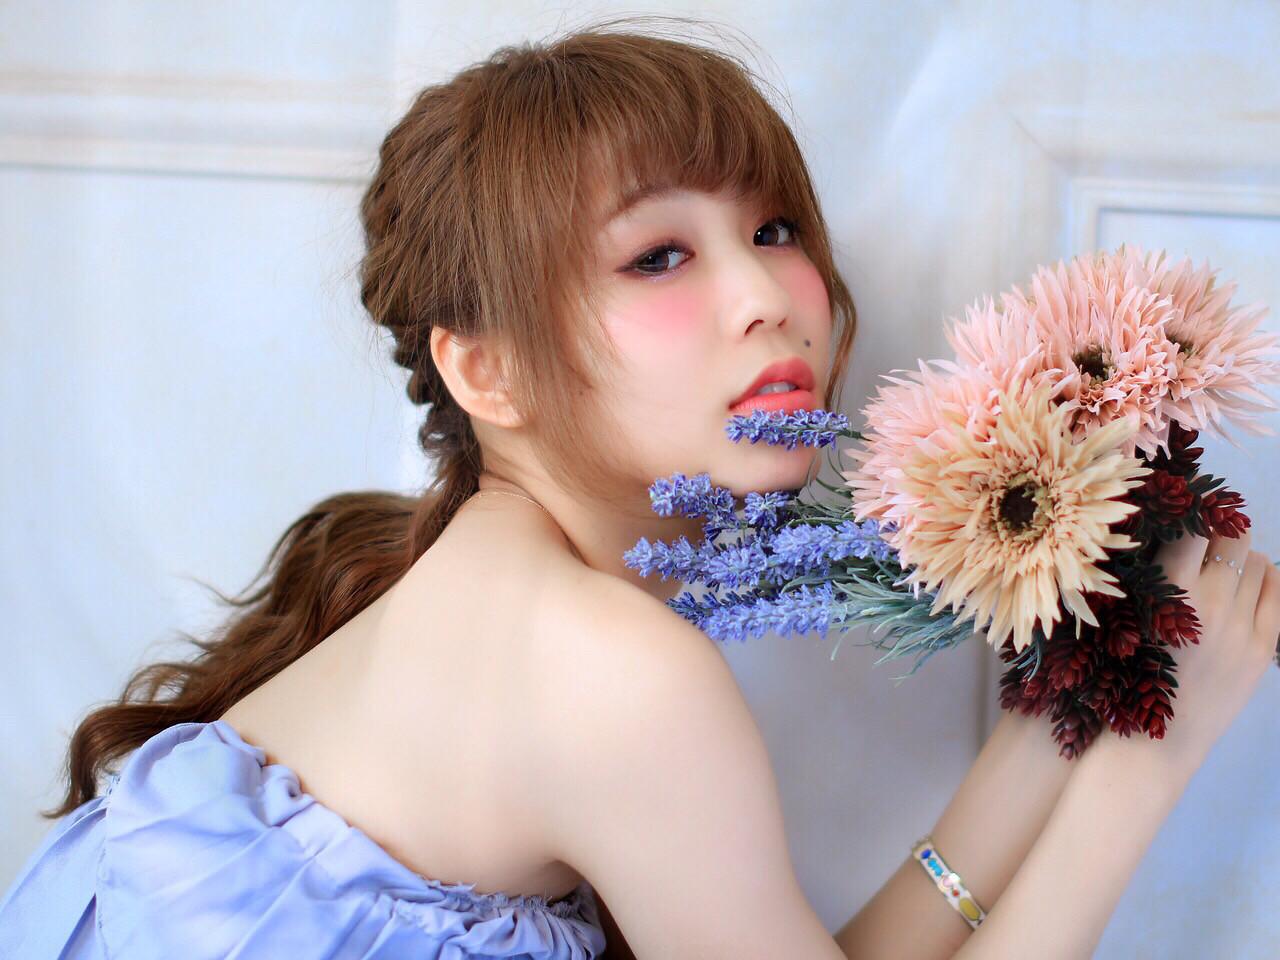 ヘアアレンジ 外国人風 簡単ヘアアレンジ フェミニン ヘアスタイルや髪型の写真・画像 | しらいわ まちこ /